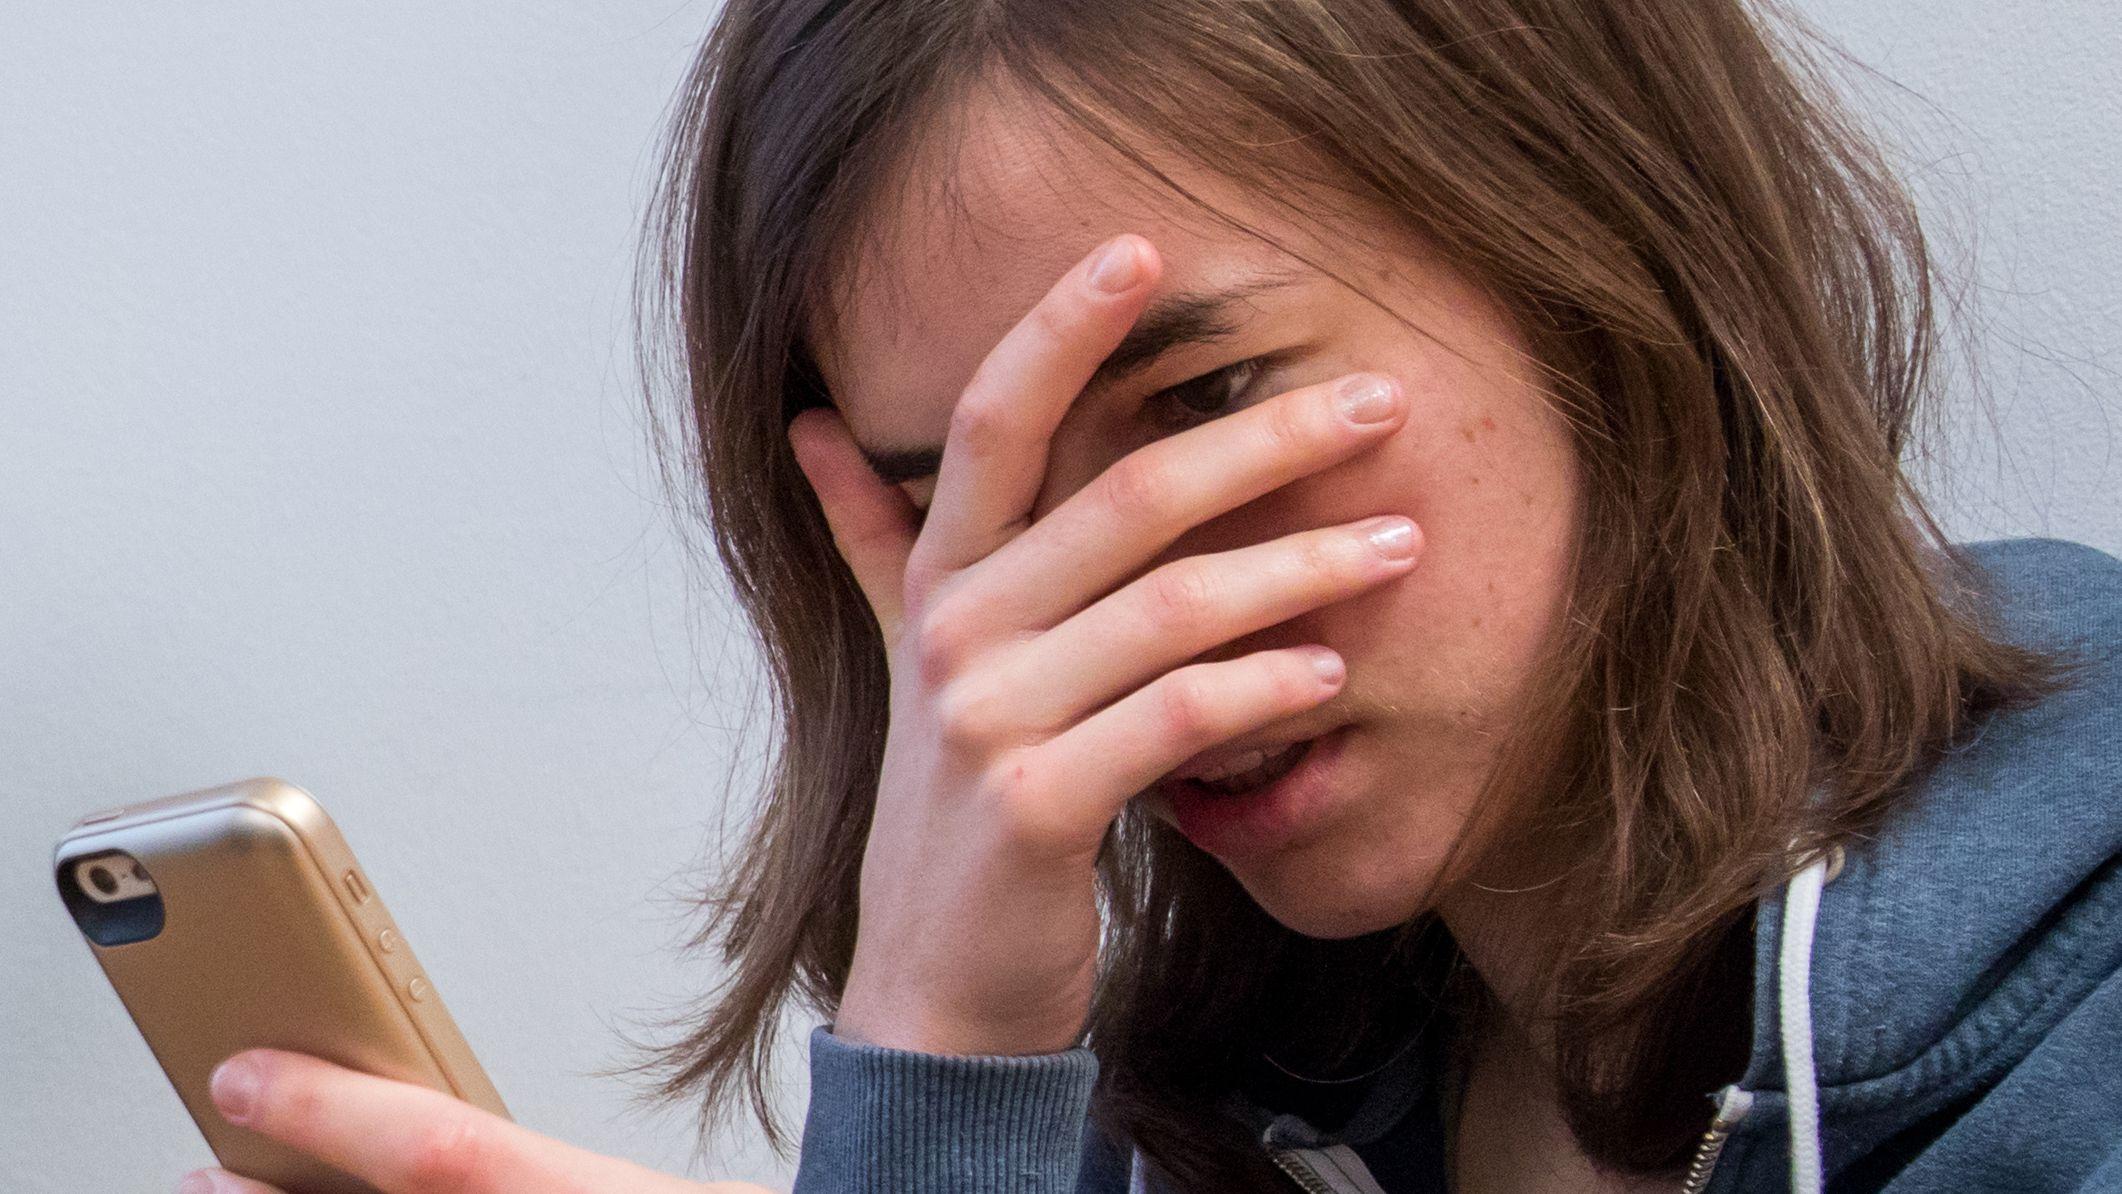 Mädchen schaut geschockt auf ihr Smartphone